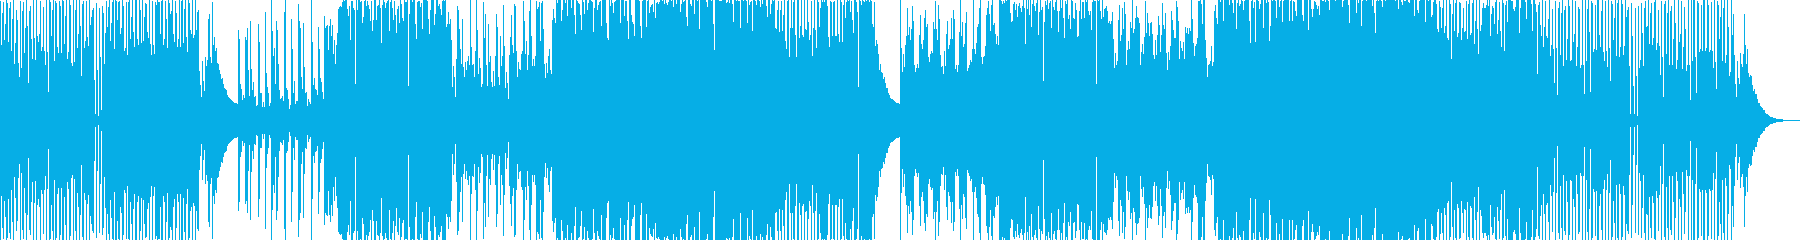 トランス風のきらびやかなEDM系BGMの再生済みの波形